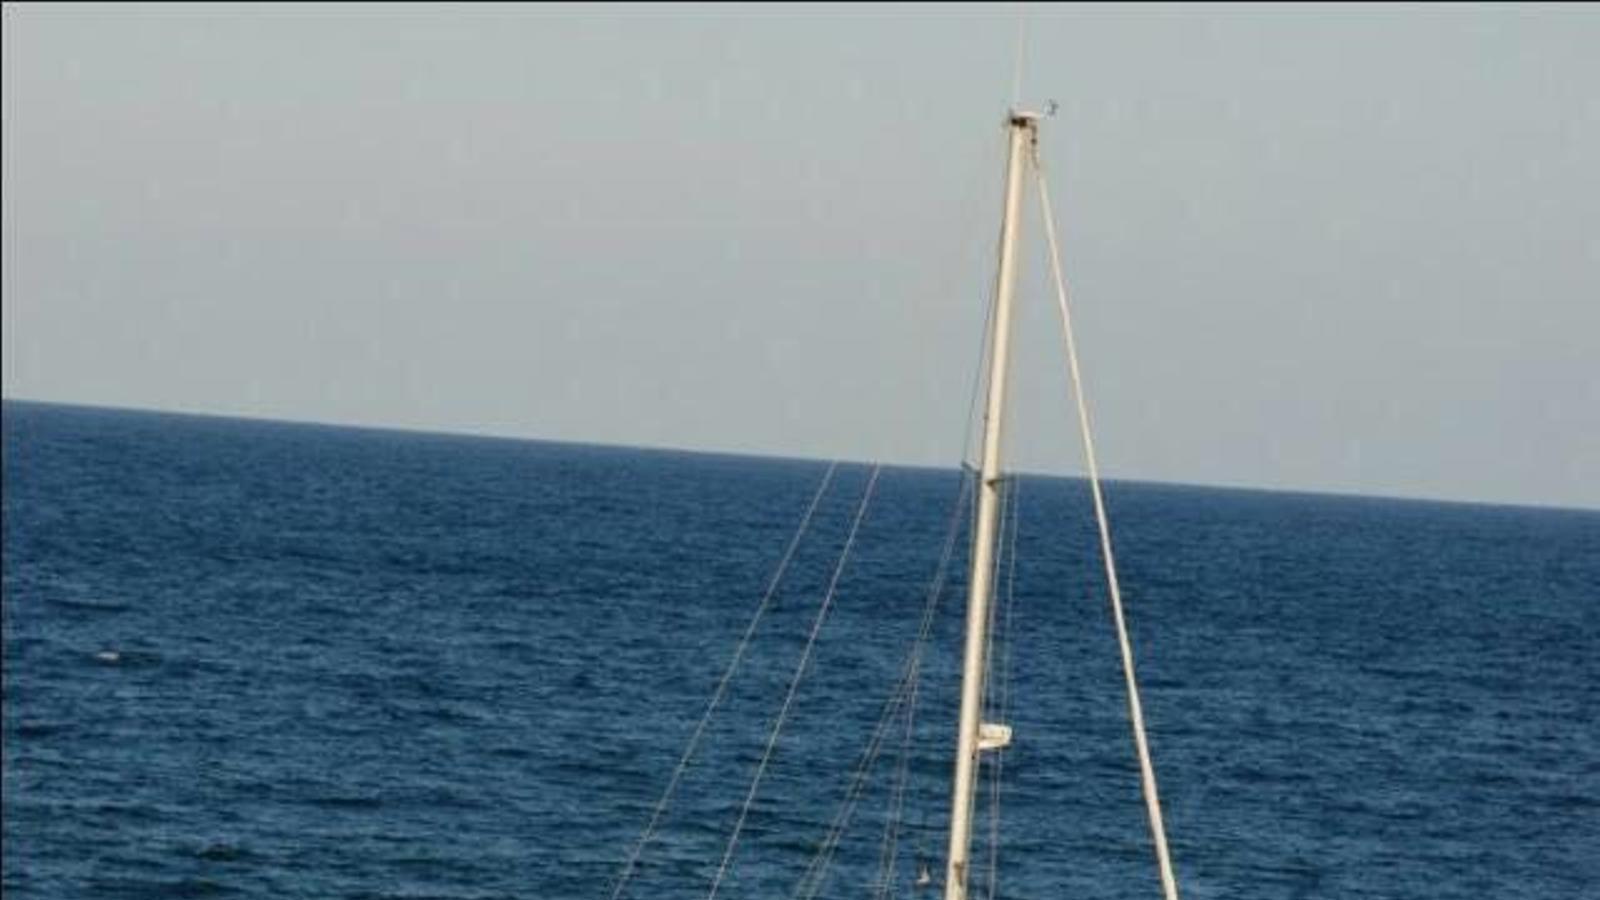 El vaixell navegant abans de patir els danys./ CLUB NÀUTIC D'ANDORRA